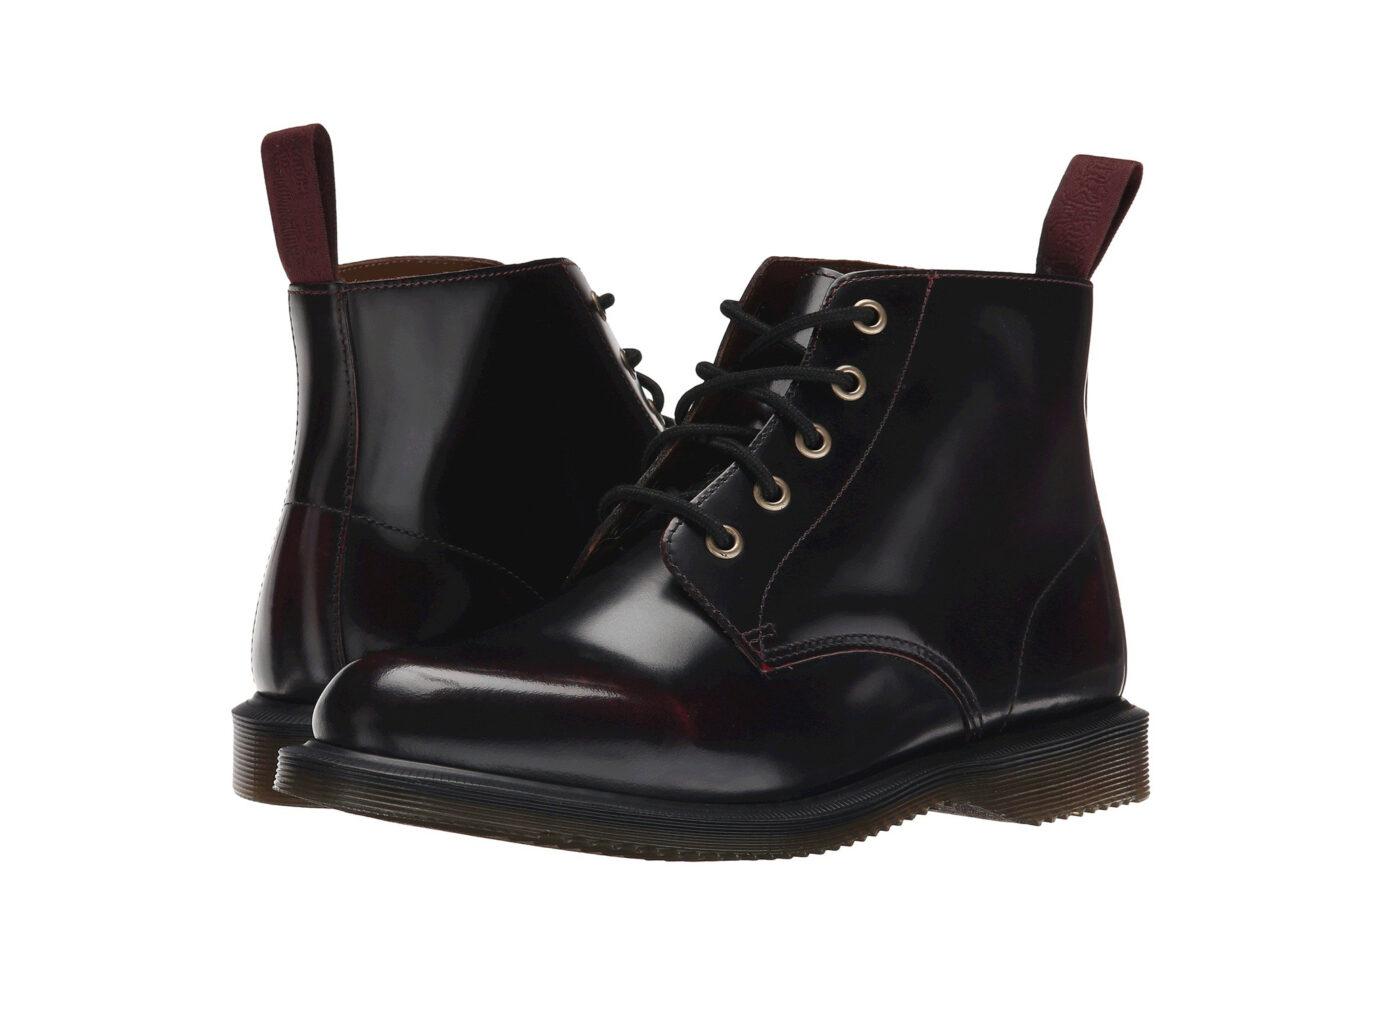 Dr. Martens Emmeline Boot